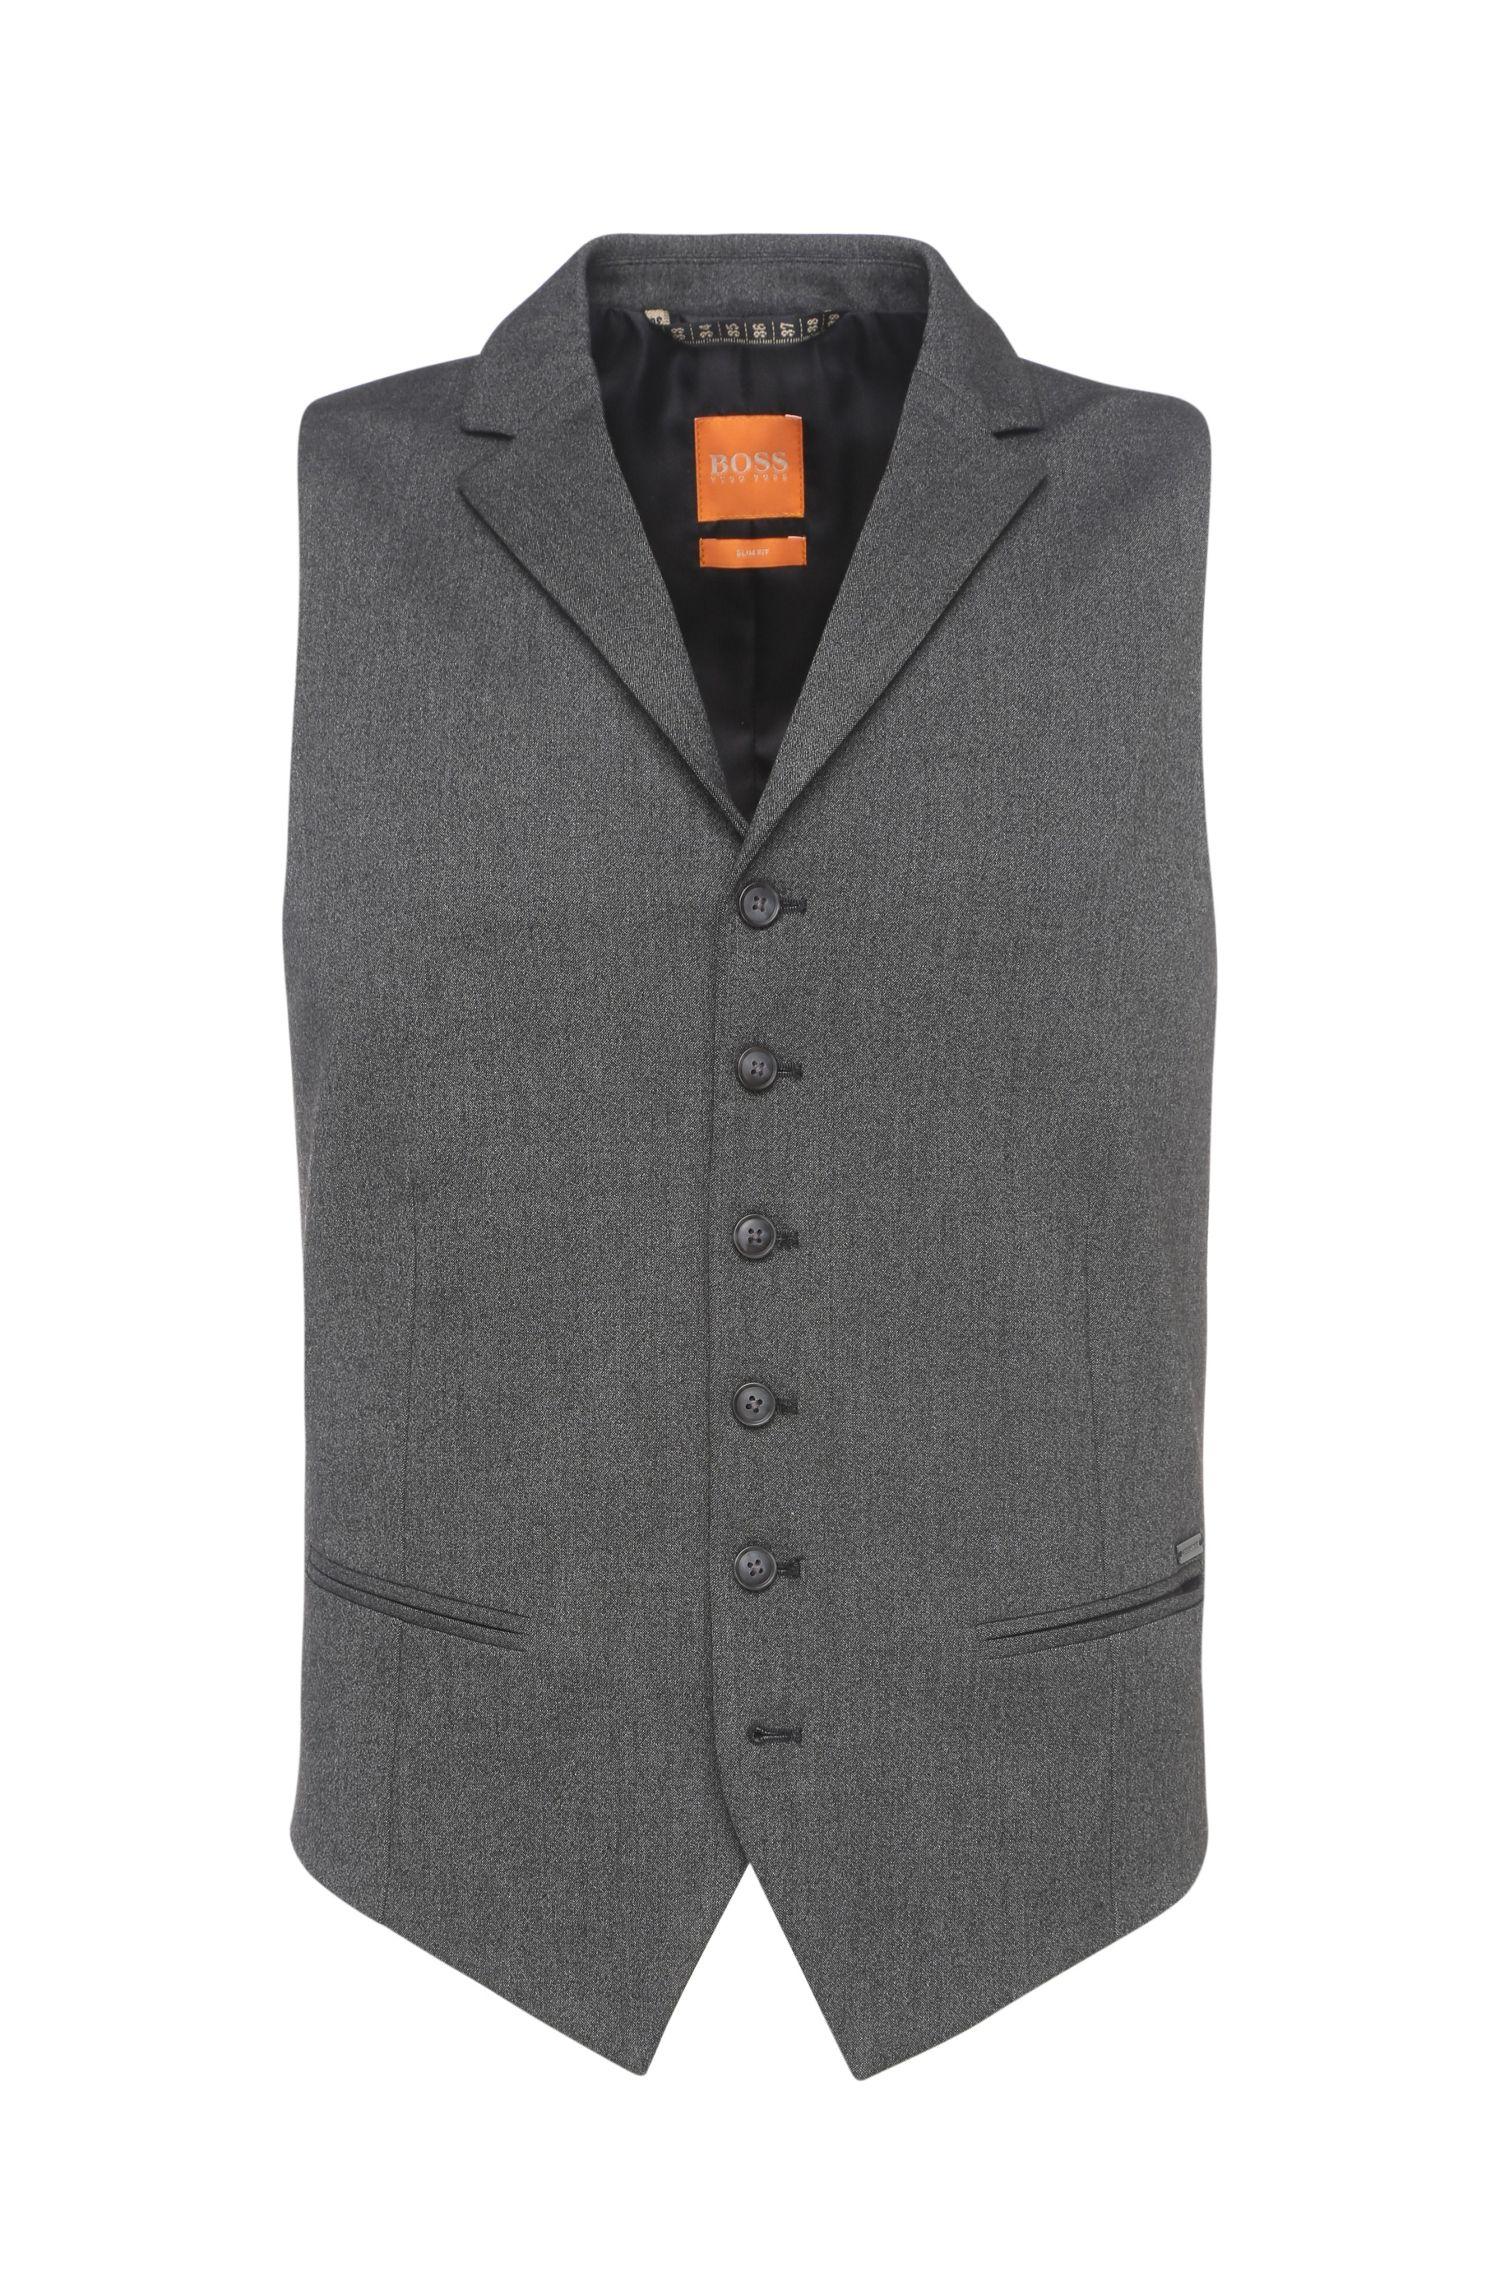 'Braylon BS' | Slim Fit, Stretch Viscose Blend Melange Vest